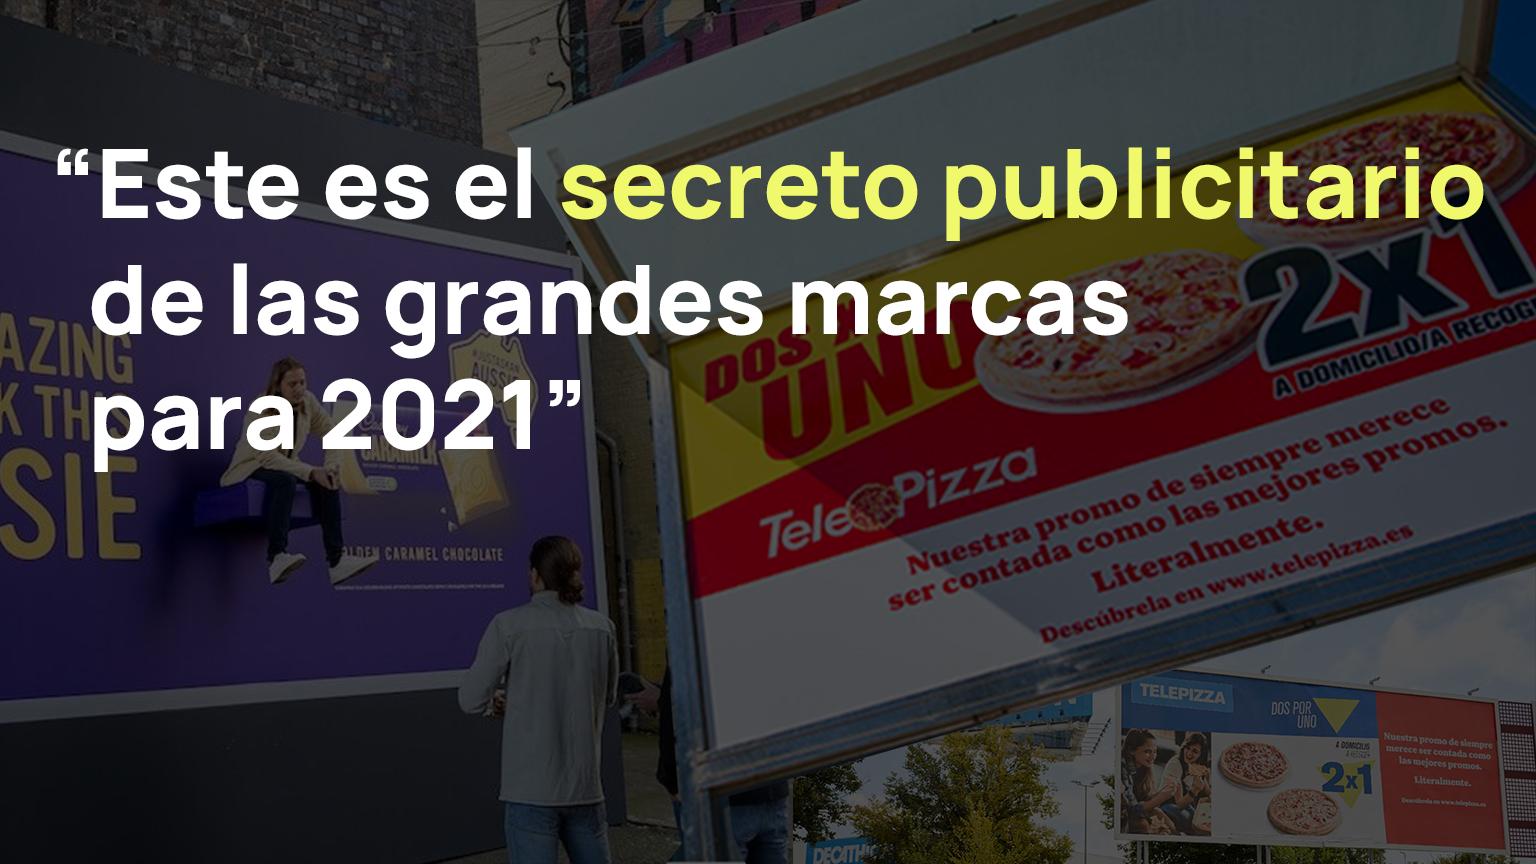 publicidad 2021 grandes marcas